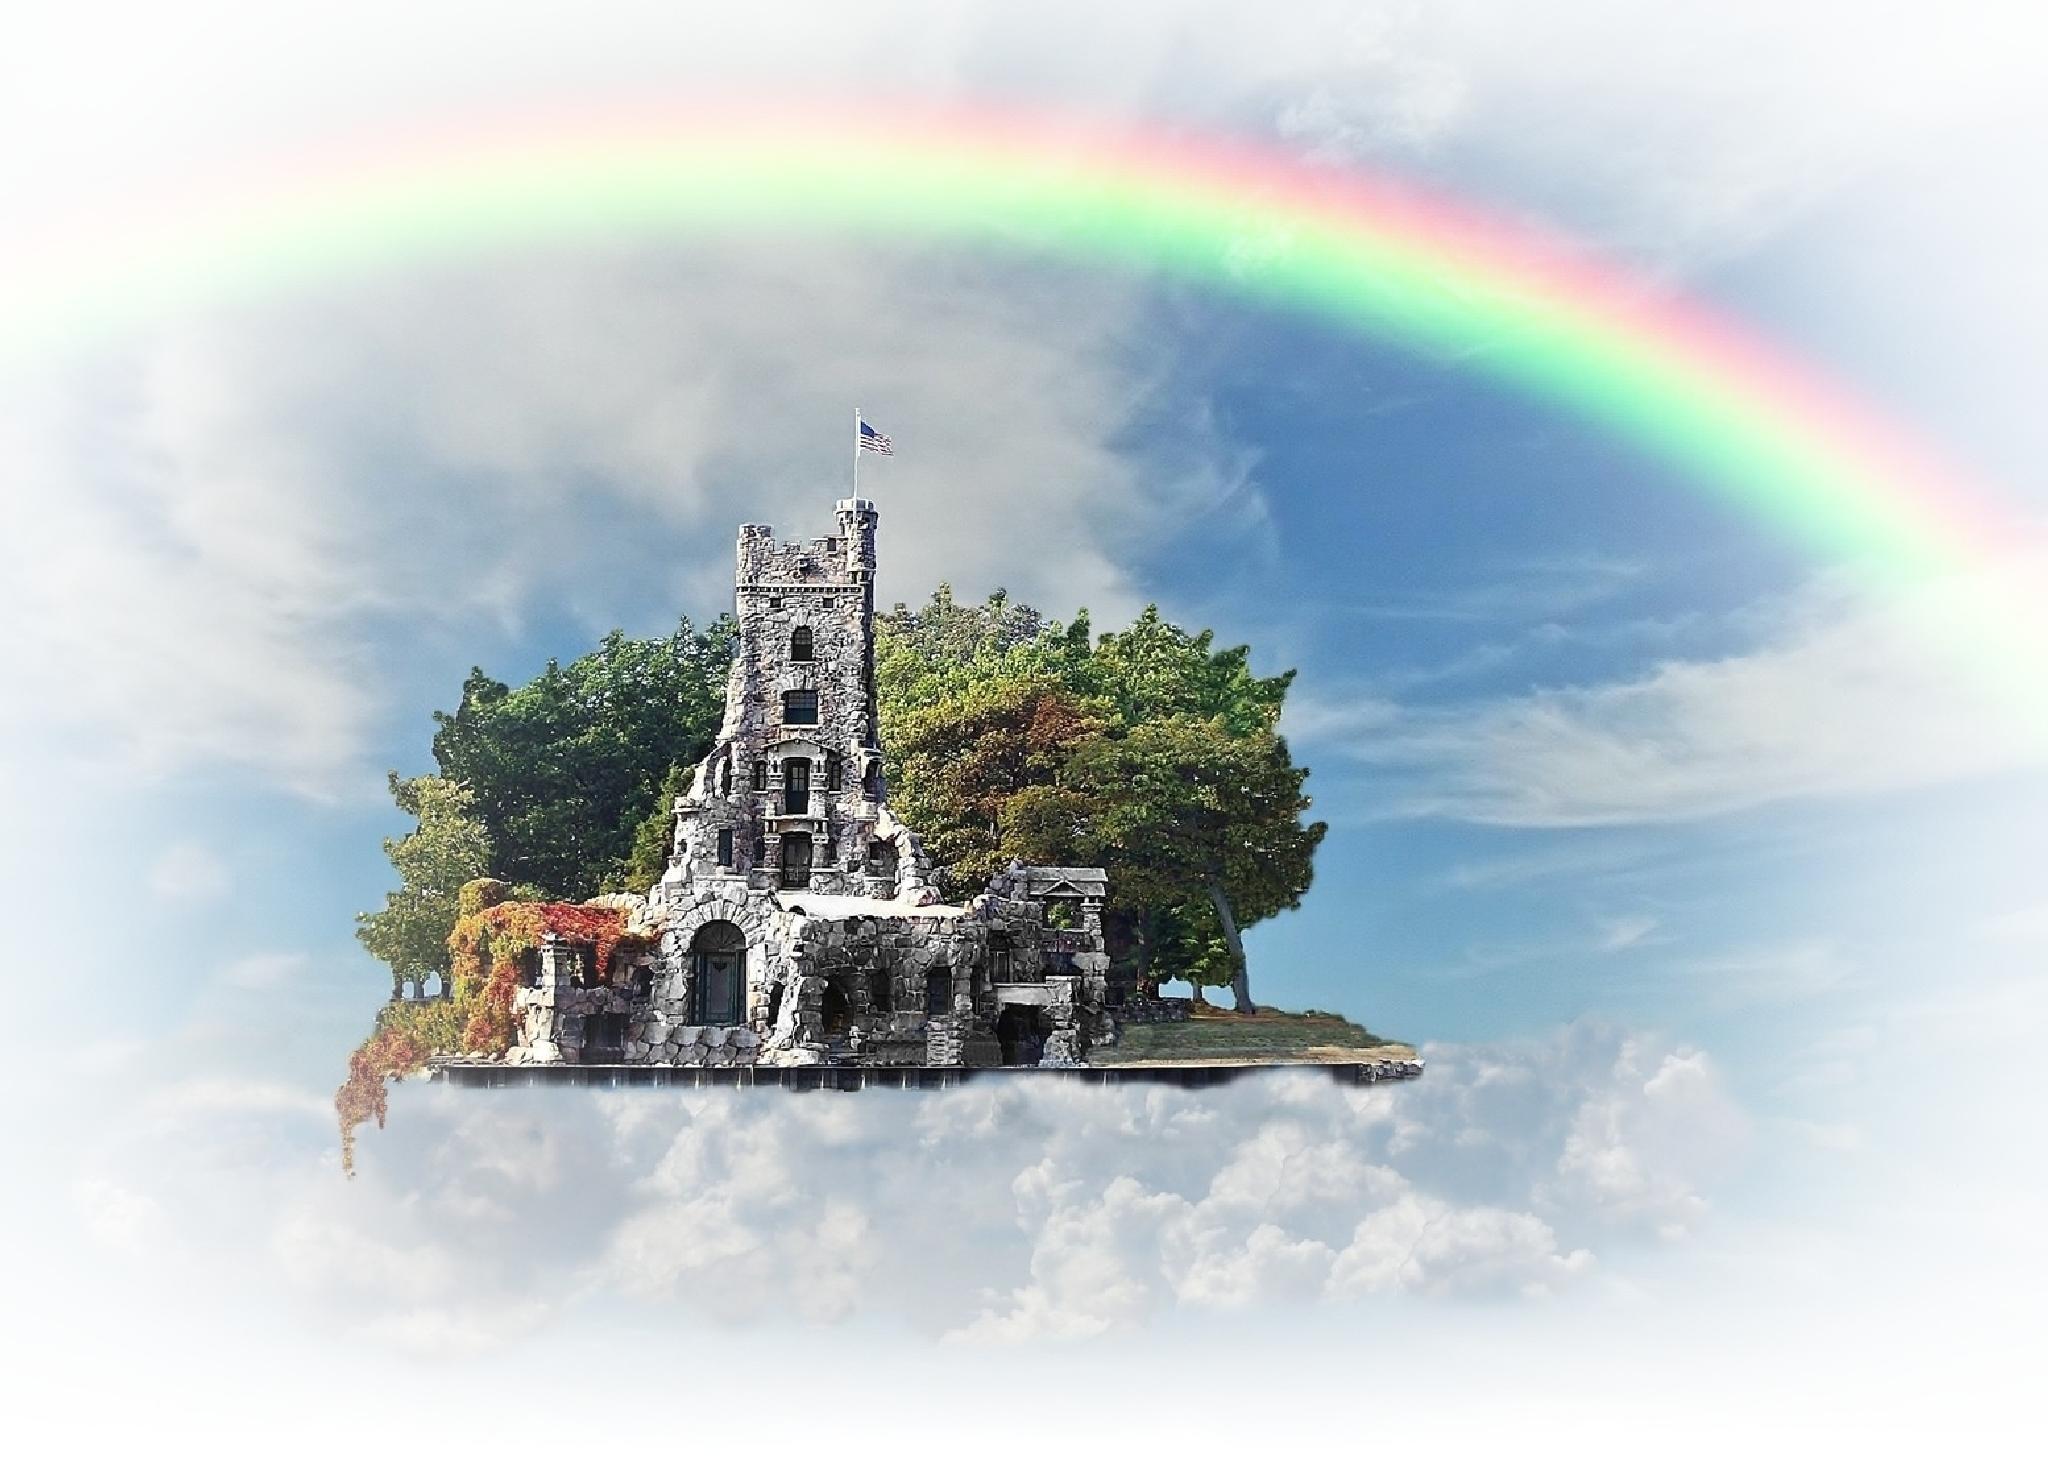 Dream Castle by Sorin Panait